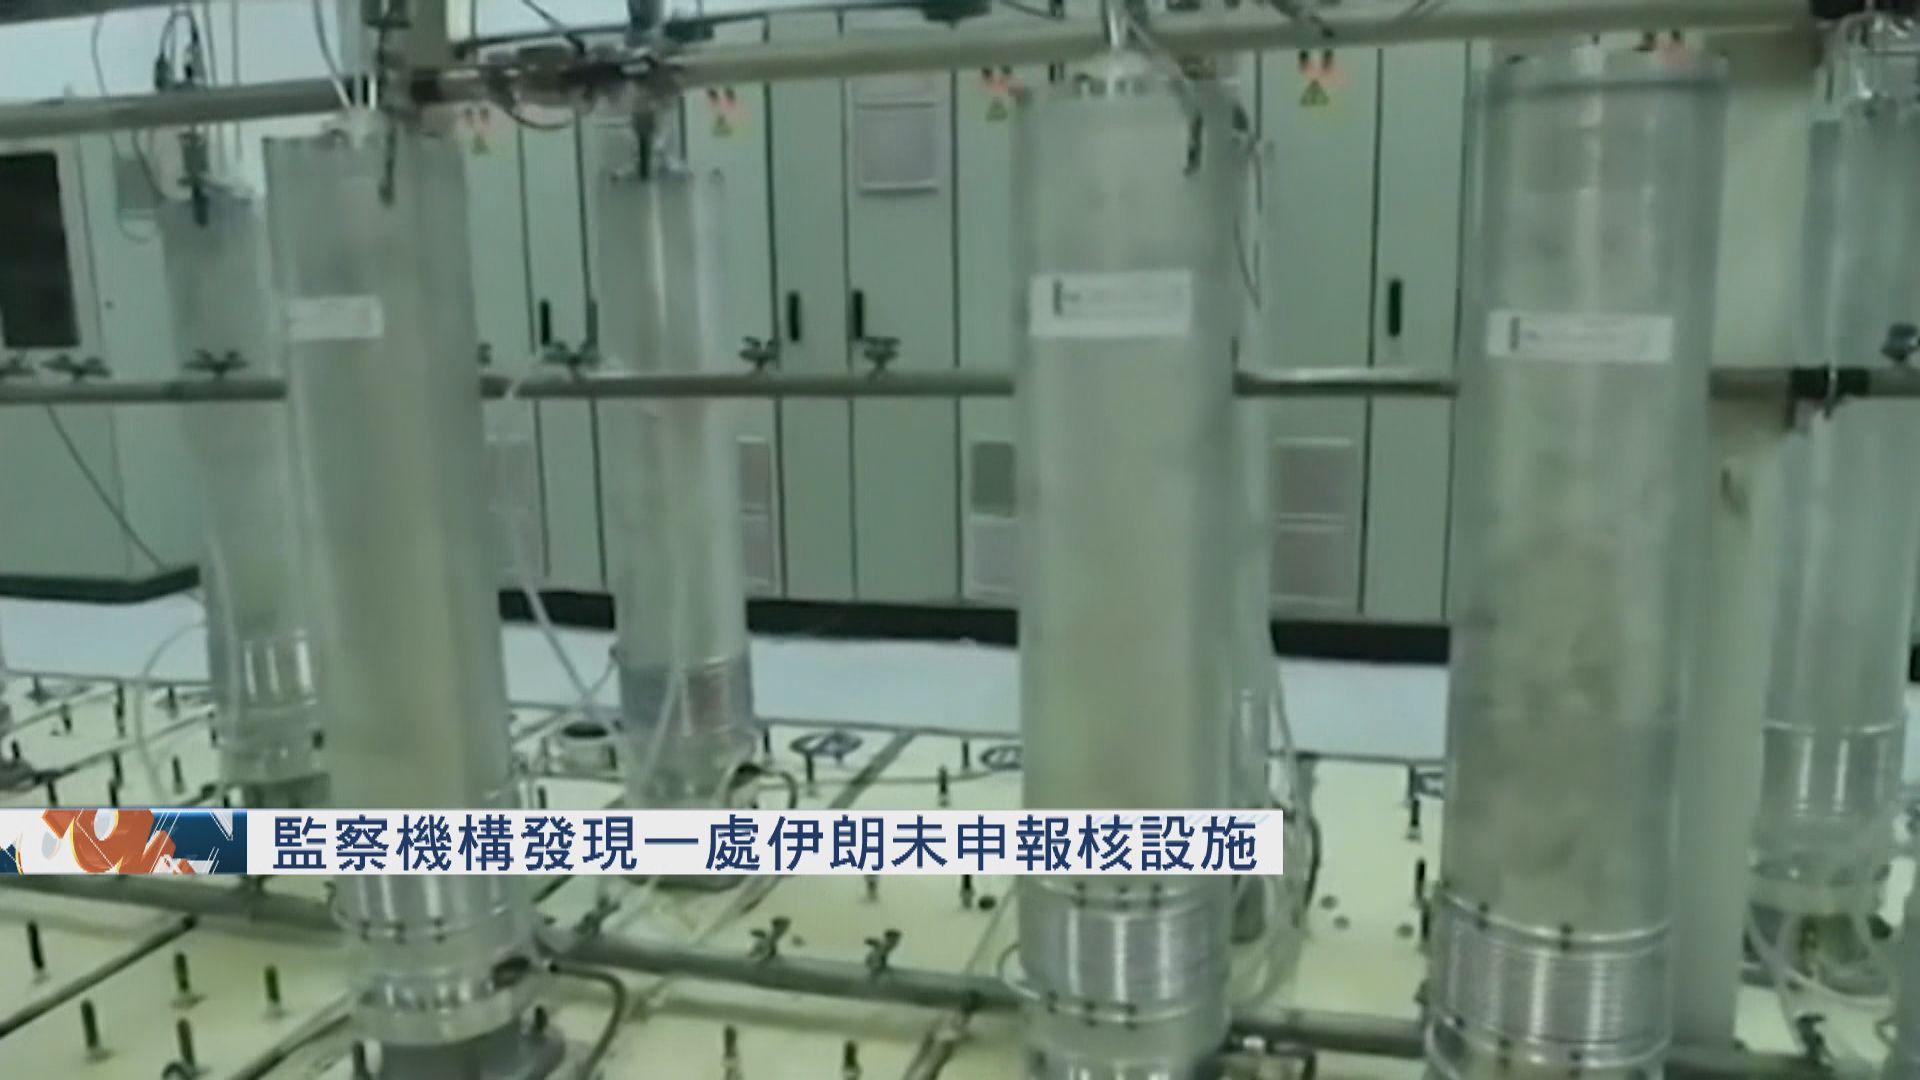 監察機構發現一處伊朗未申報核設施